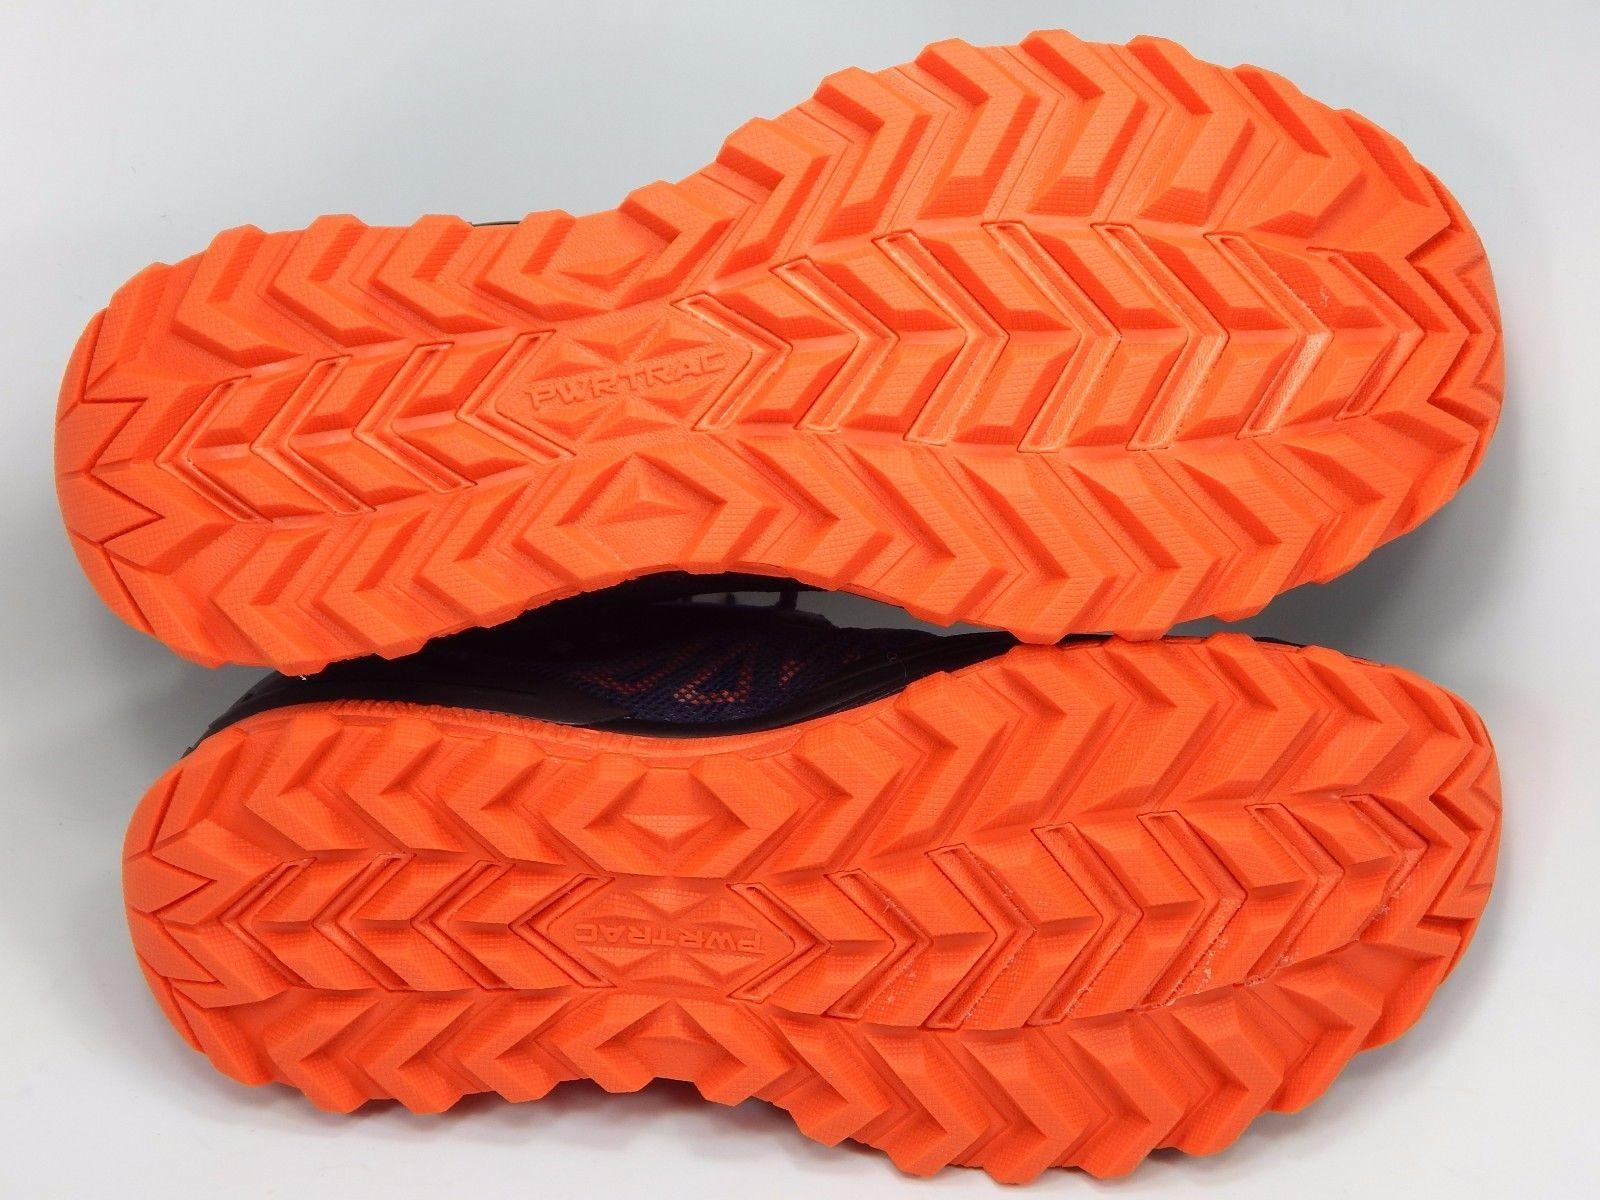 Saucony Xodus ISO 2 Men's Running Shoes Size US 9 M (D) EU 42.5 Black S20387-1